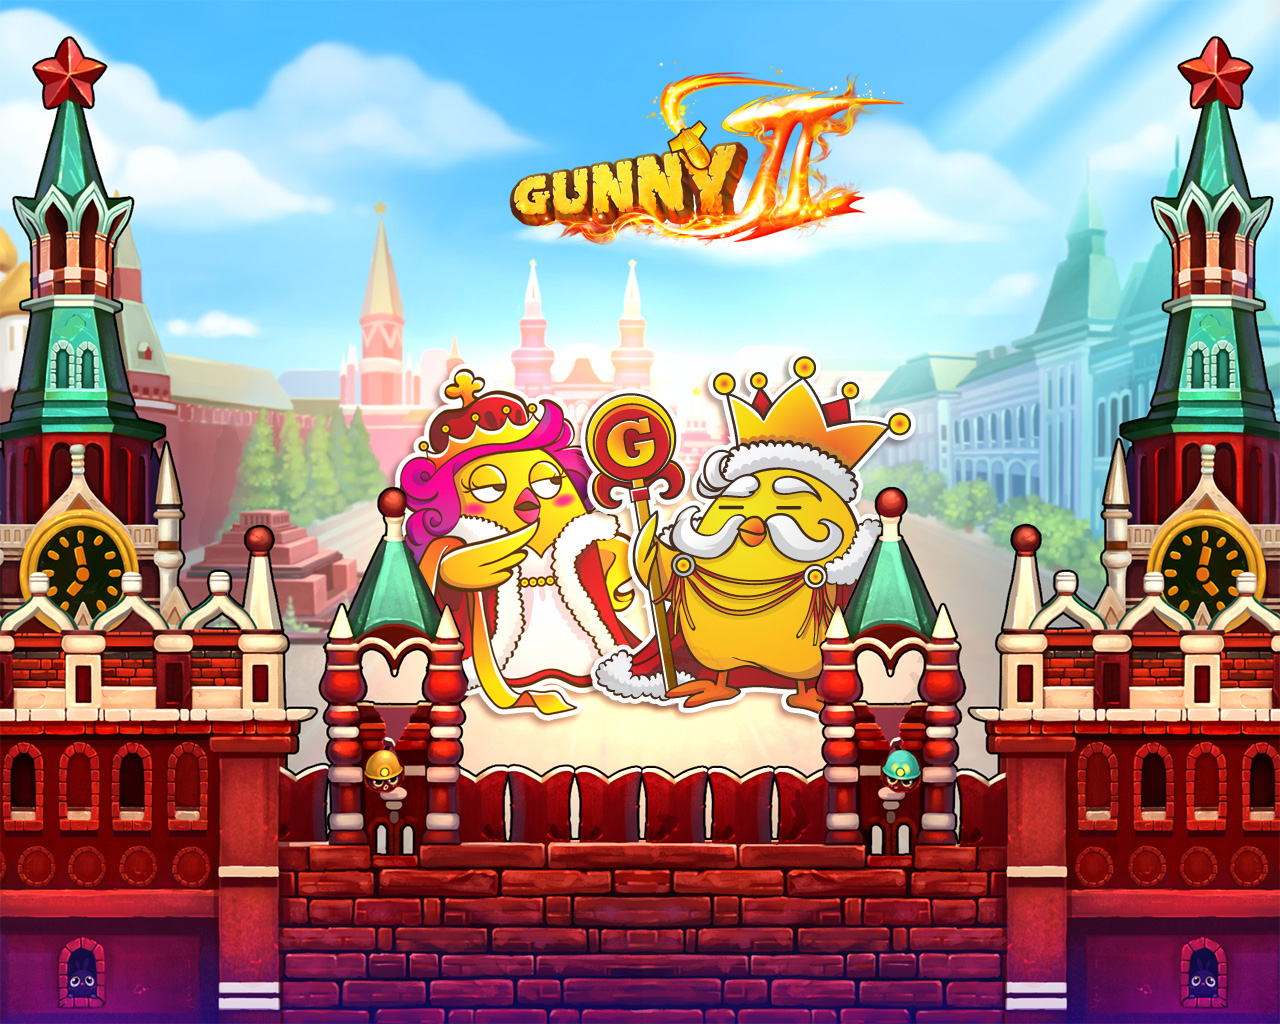 Bộ hình nền đẹp tuyệt của Gunny 2 - Ảnh 2